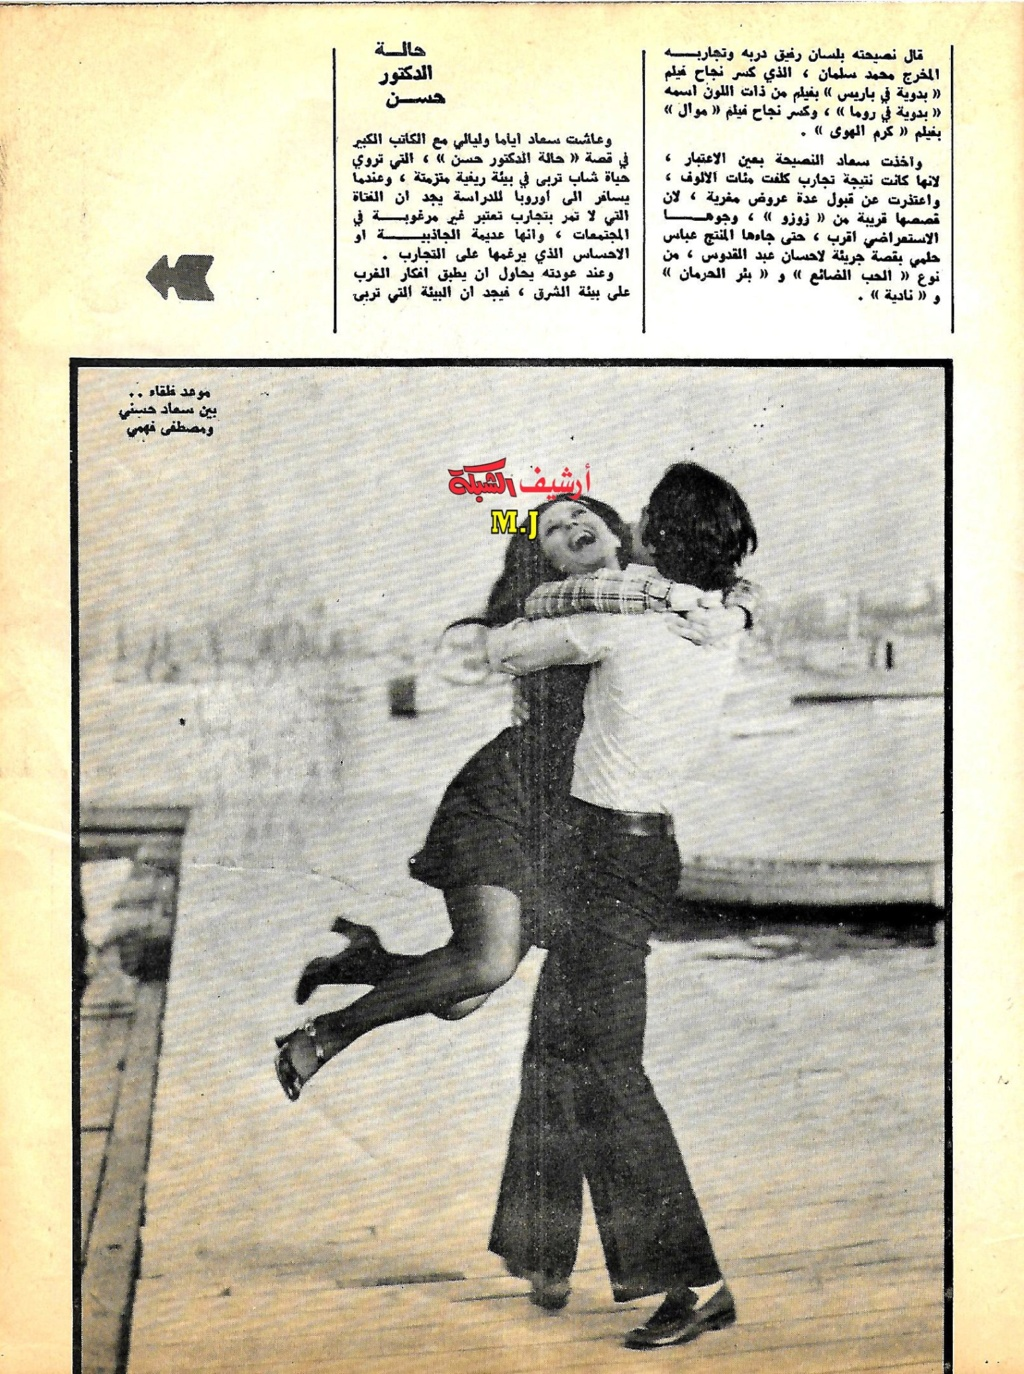 مقال صحفي : نصيحة لبنانية تبعد سعاد حسني عن الافلام الاستعراضية 1973 م 2383